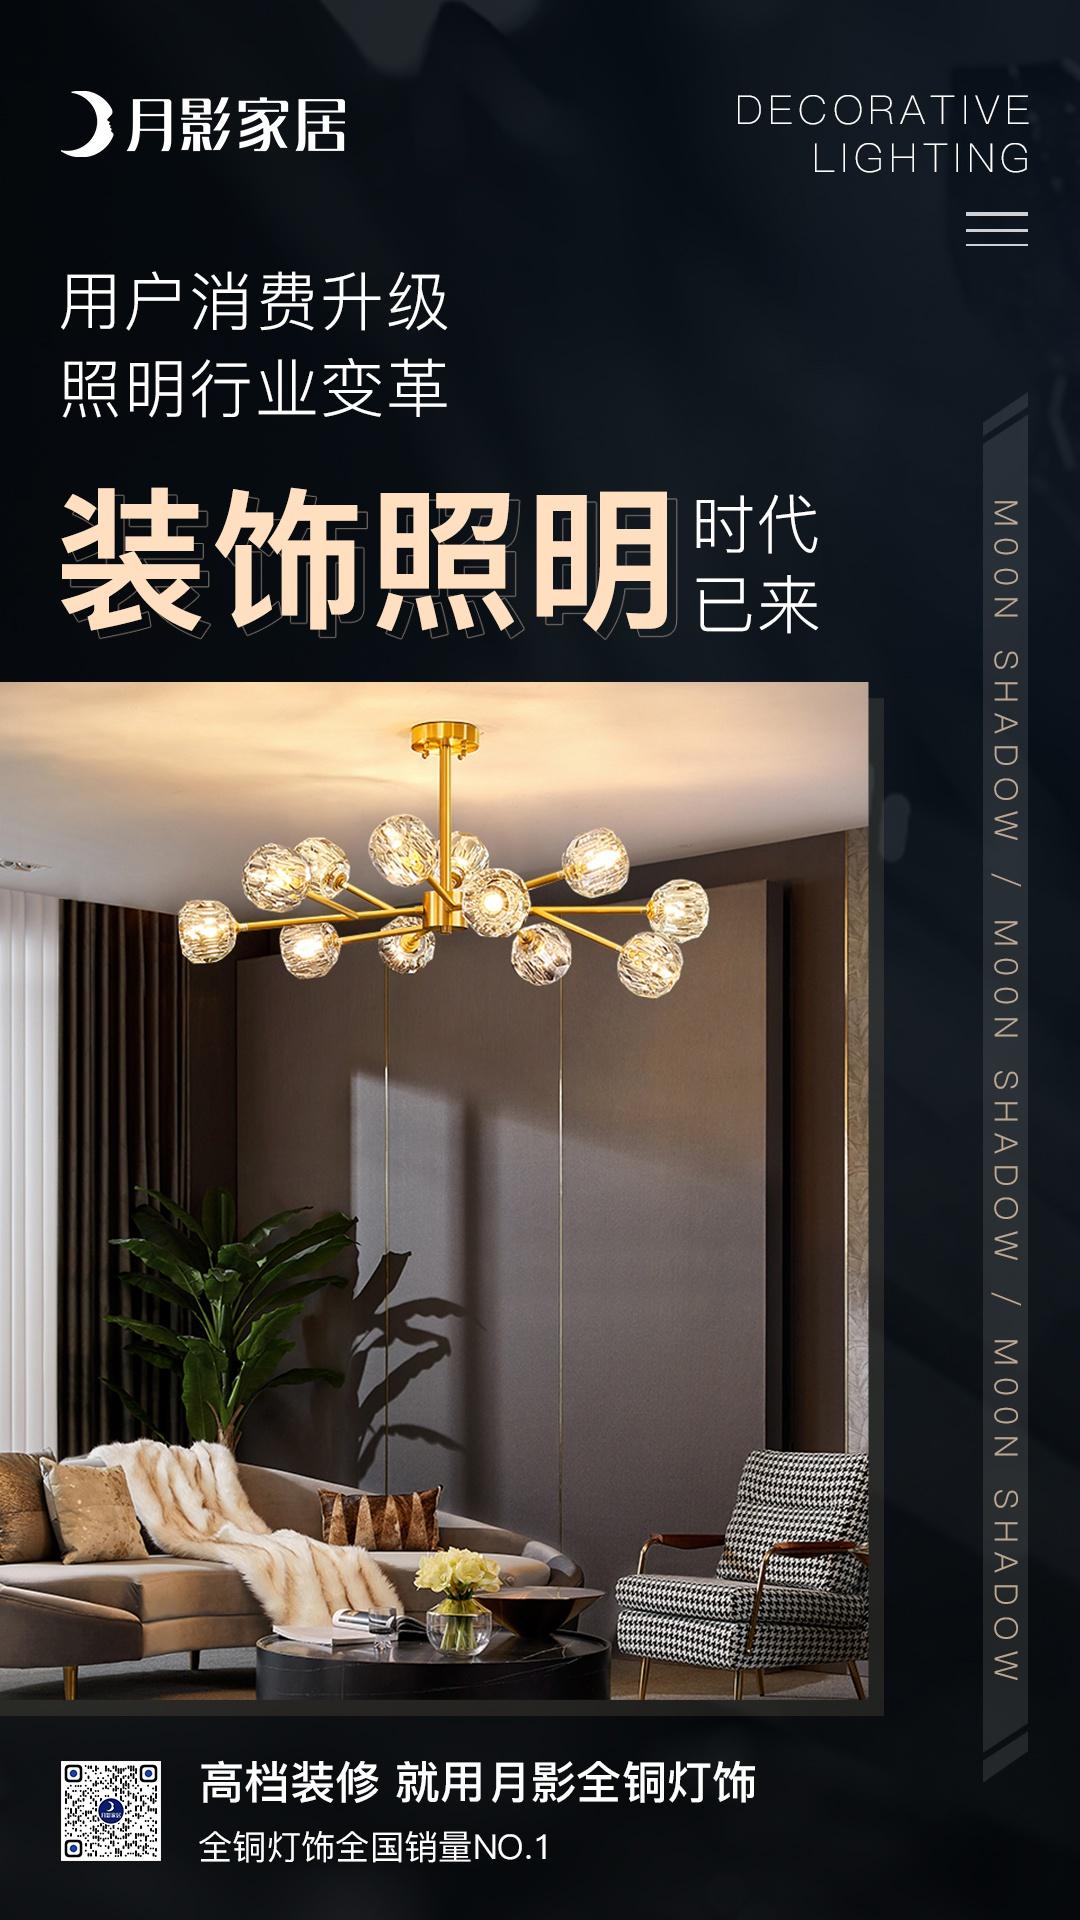 家装行业呈现新消费趋势,看月影灯饰如何在新消费趋势下破圈!